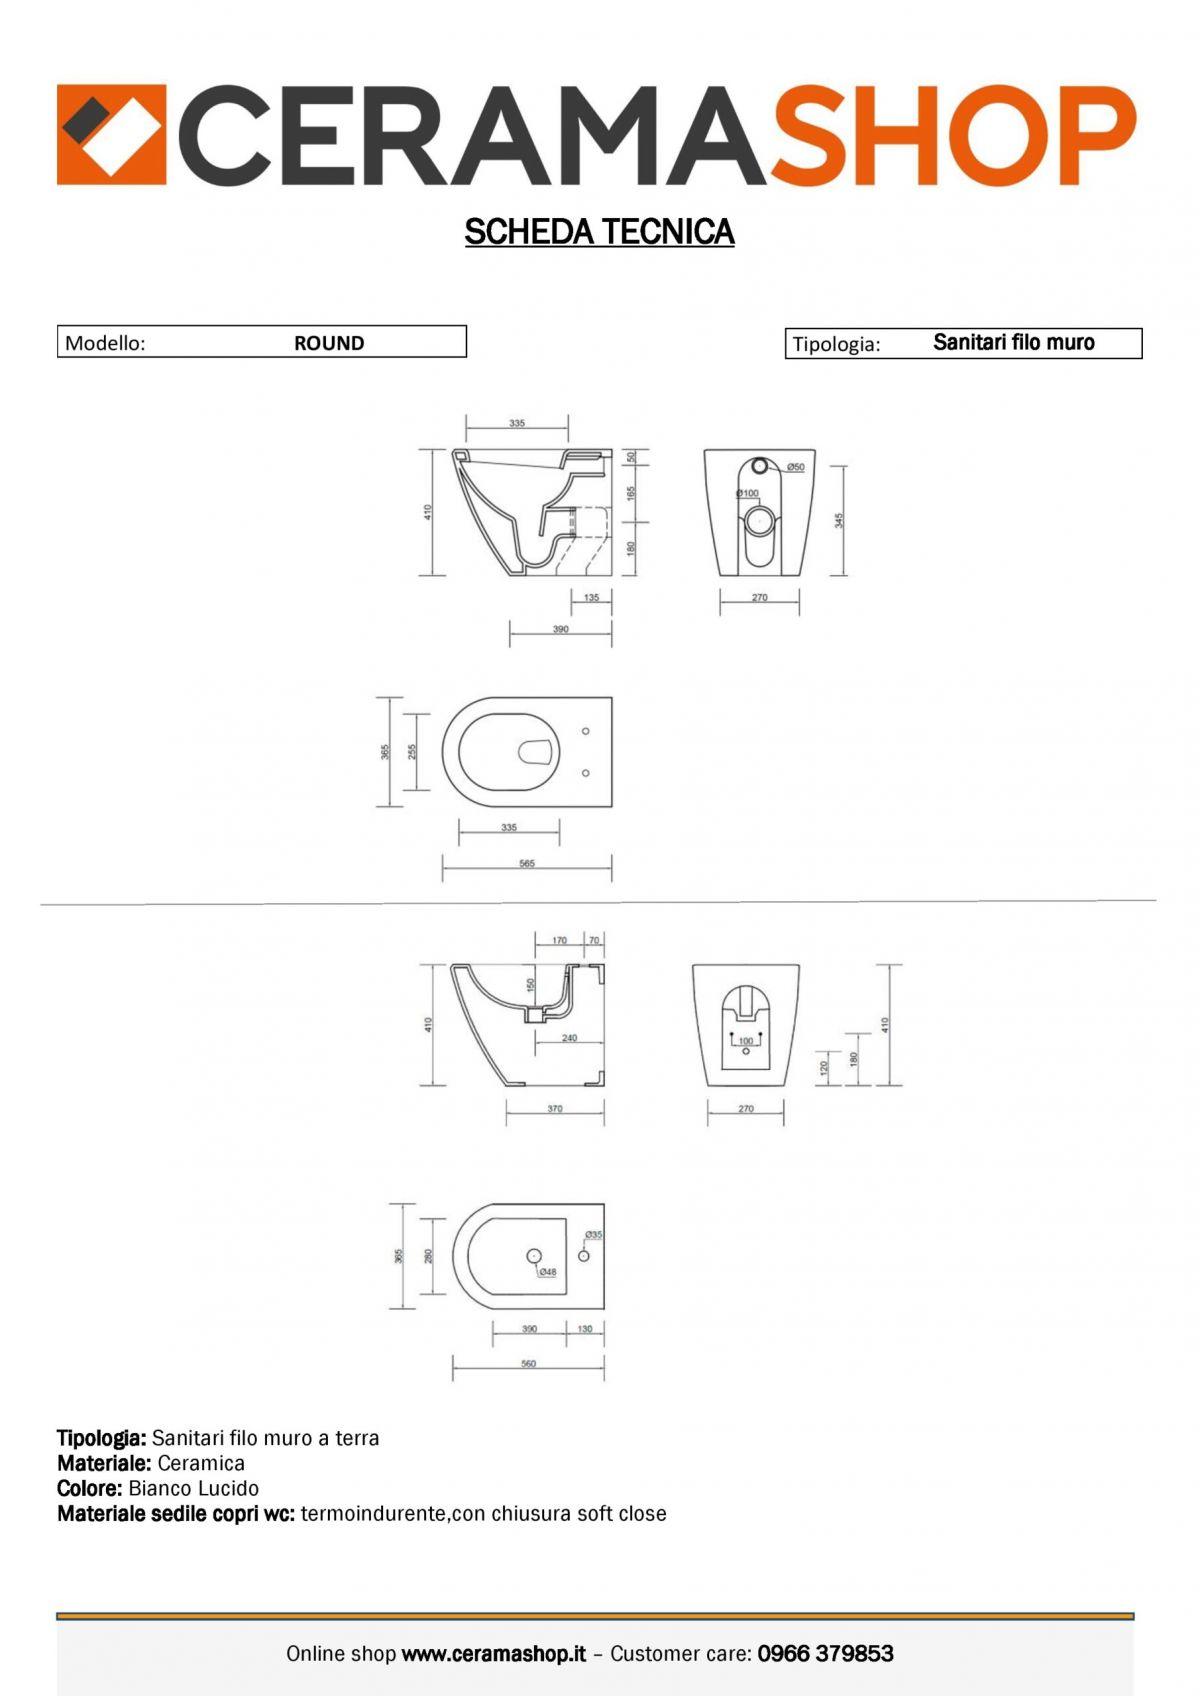 serie round a terra 0001 scaled Sanitari filo muro Round in ceramica Vaso+Bidet+Coprivaso Soft Close